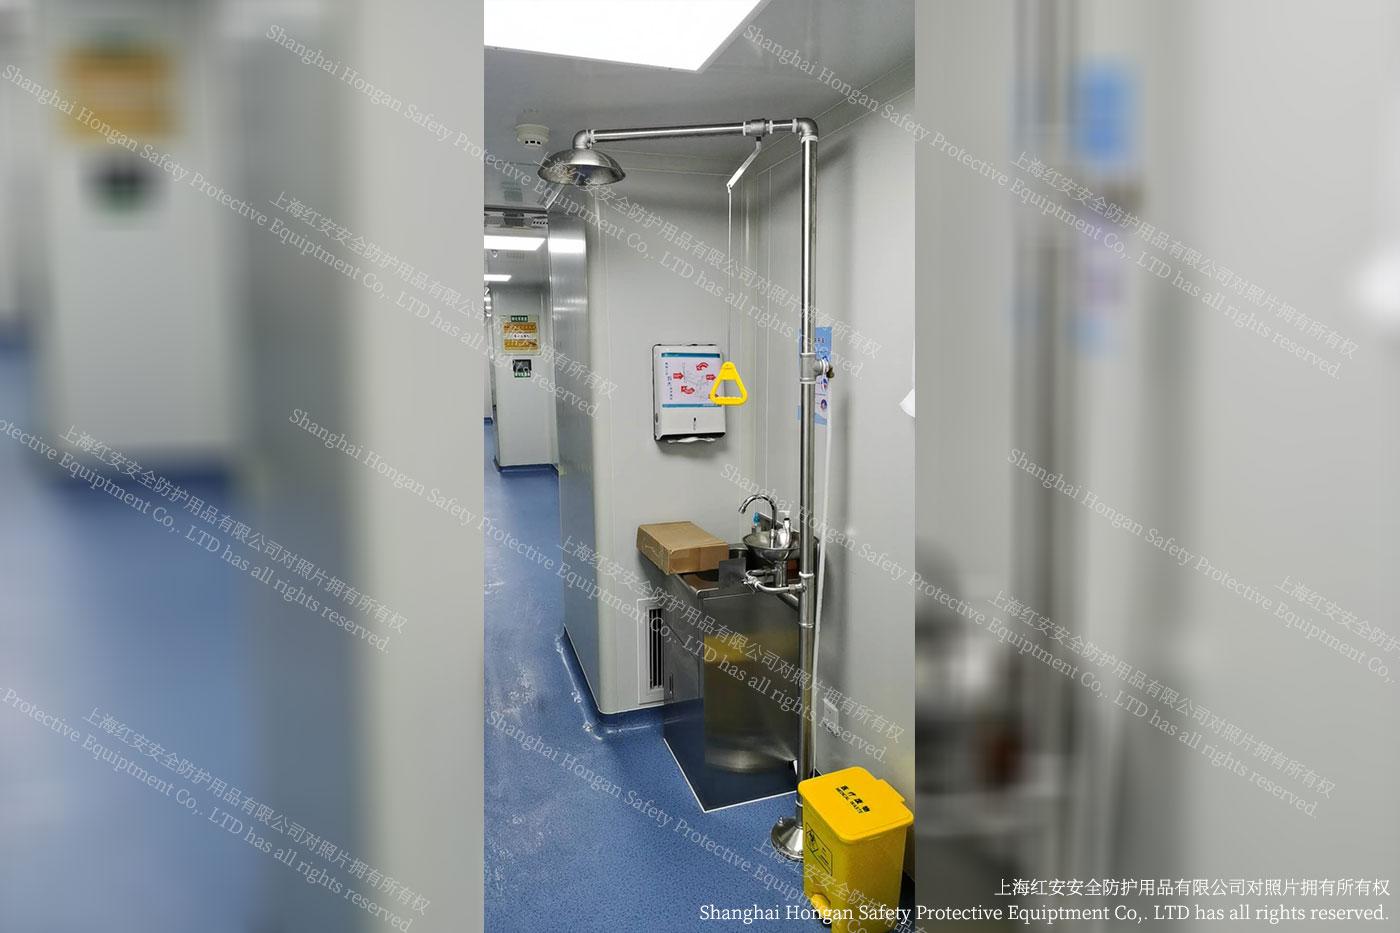 1客户秀图-洗眼器实际图片-上海红安洗眼器厂家